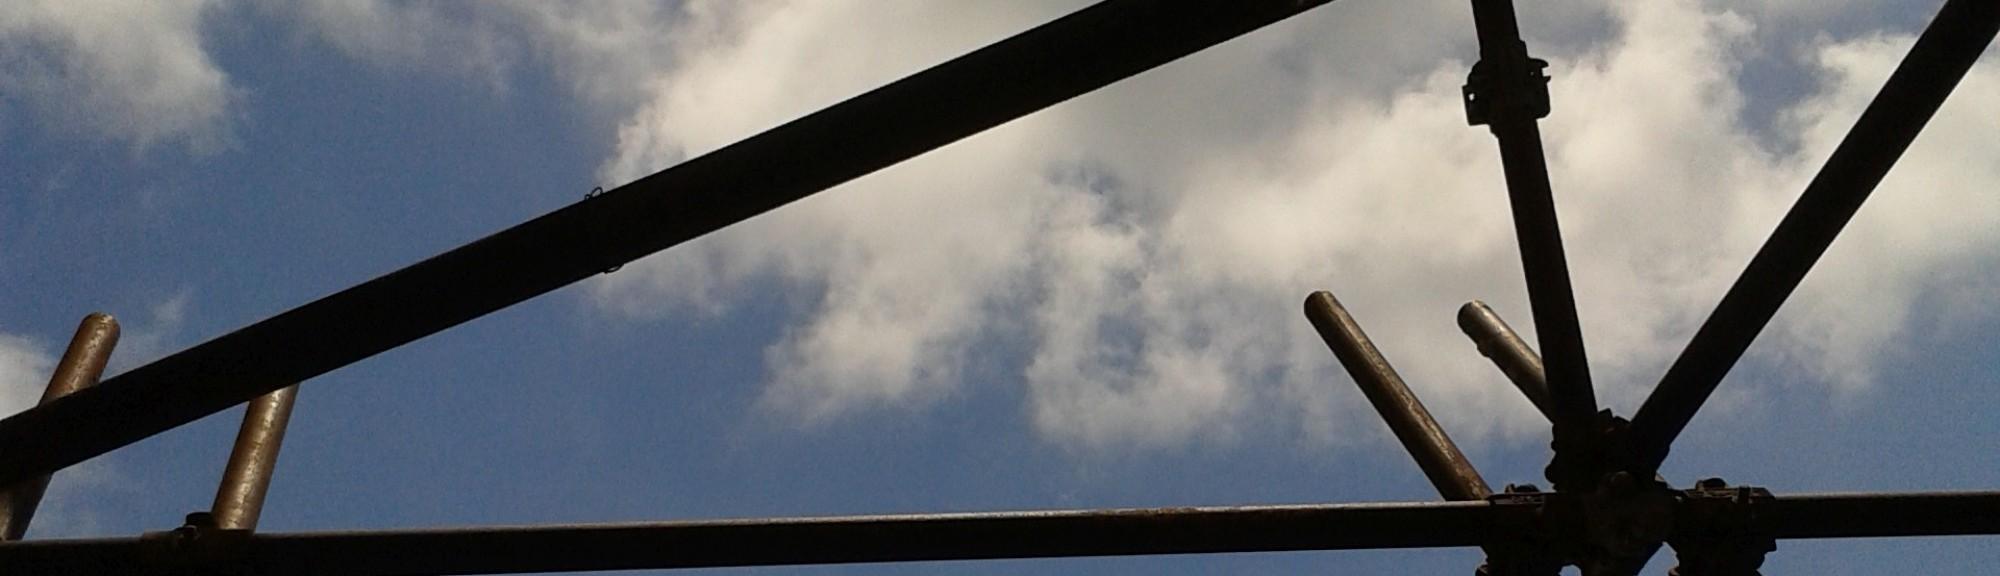 la fabbrica delle nuvole